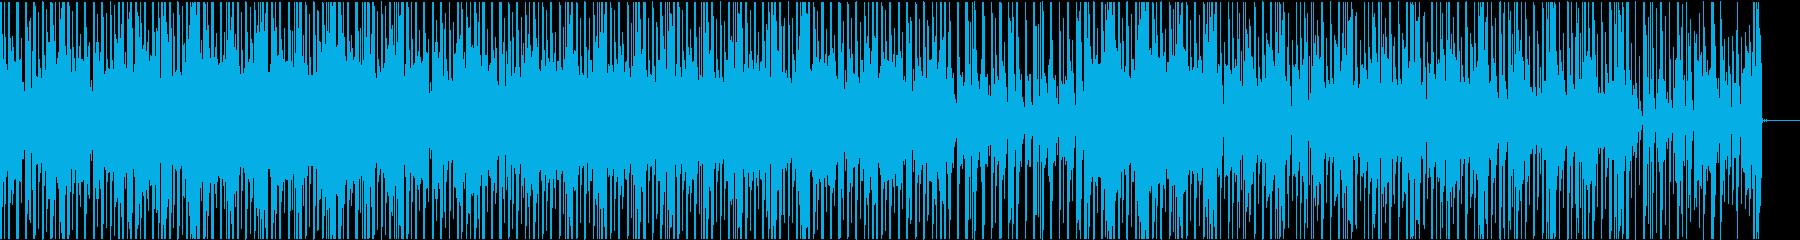 ハウス系ビートの再生済みの波形